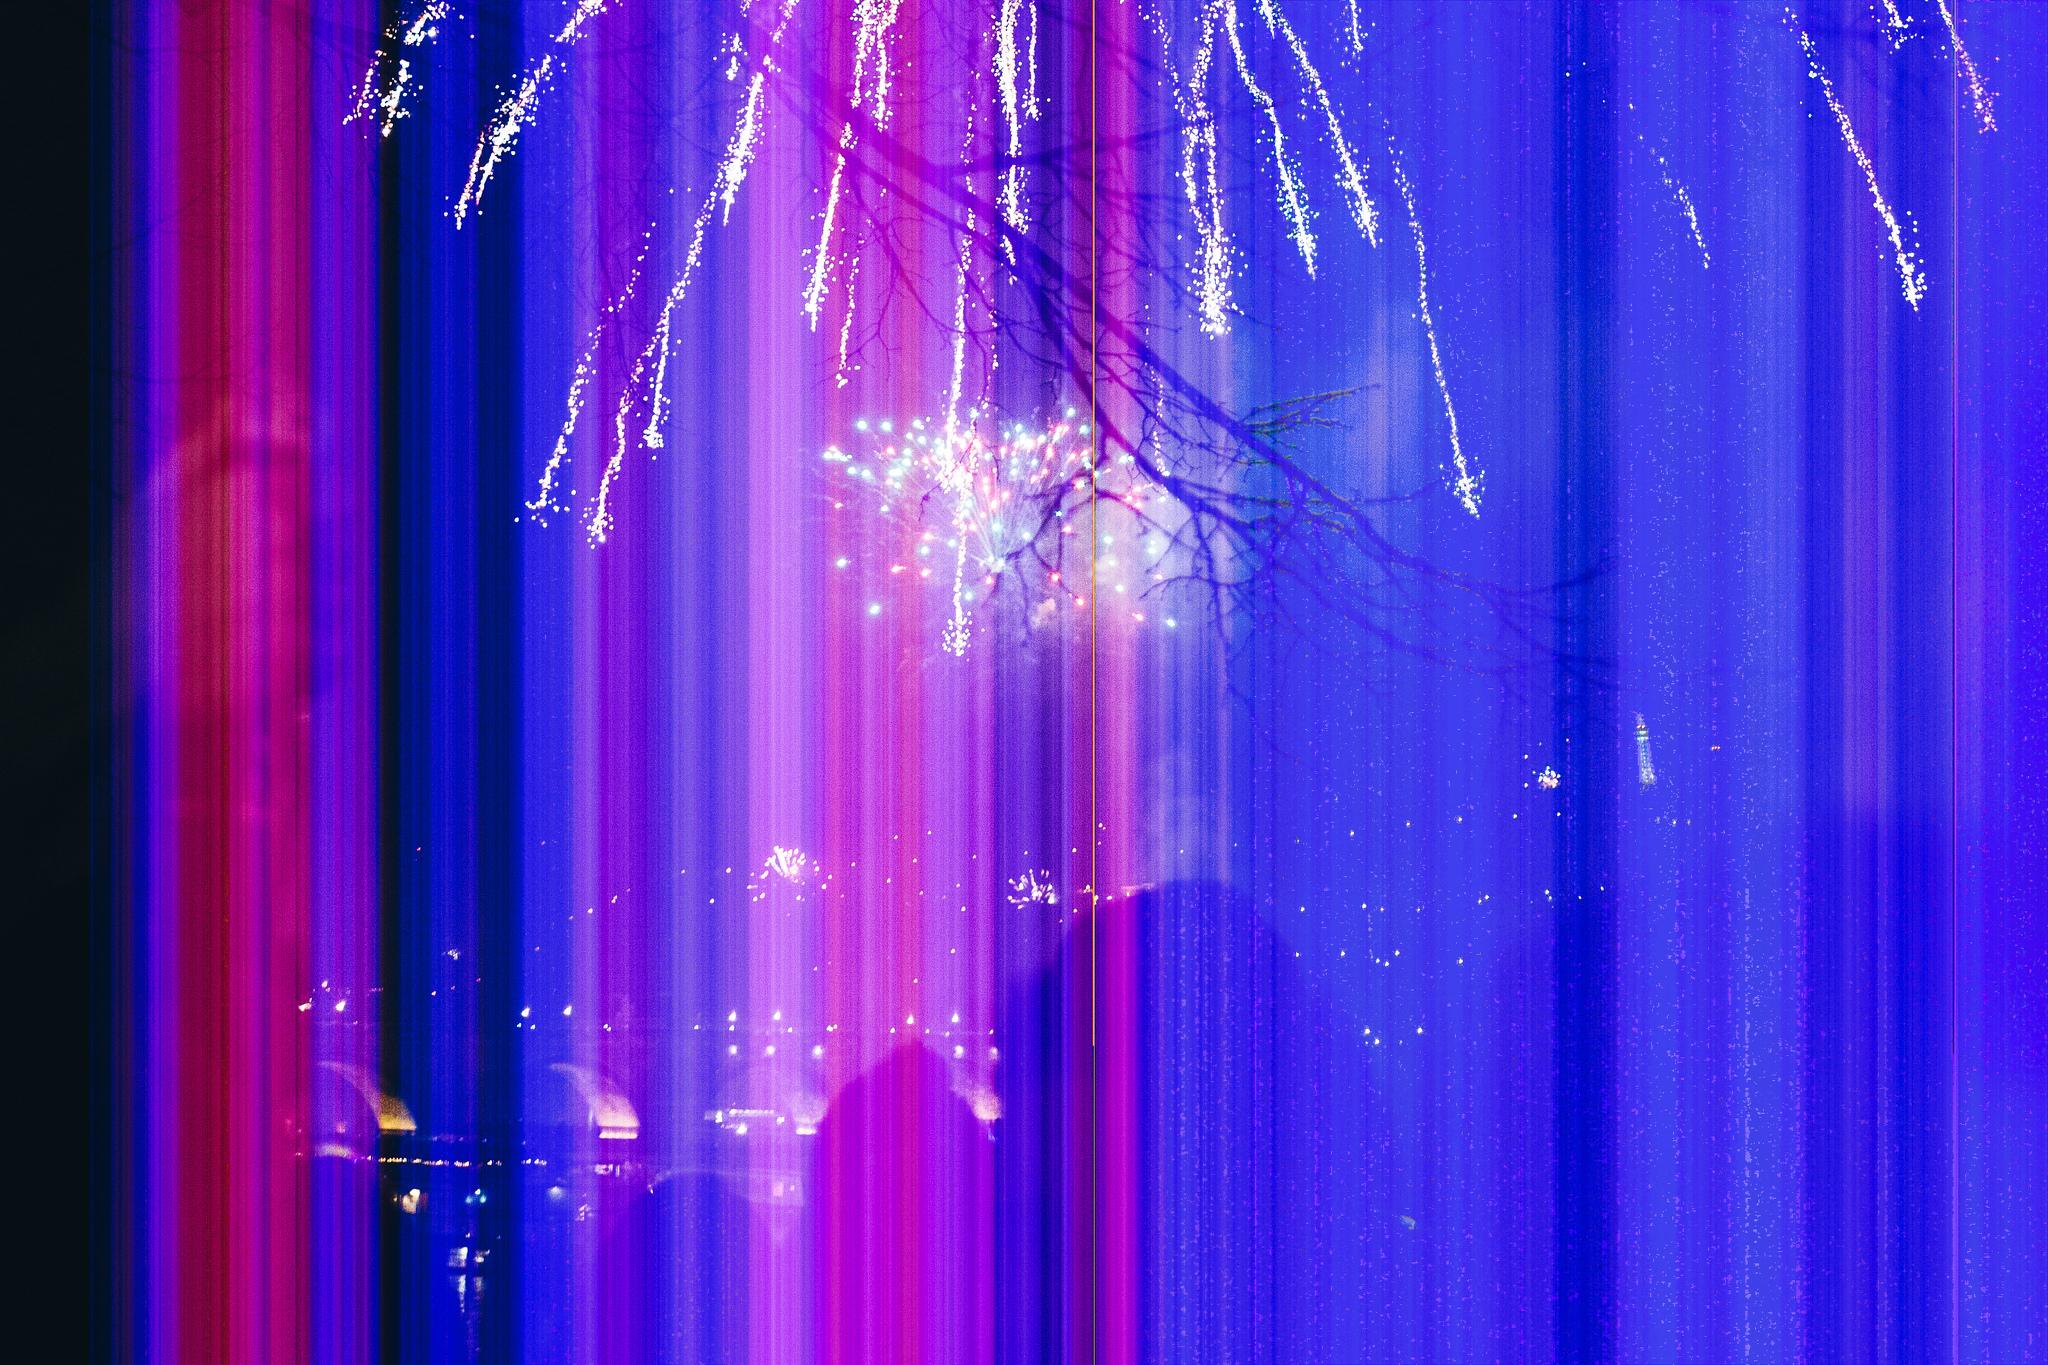 39651205181_5b61c6e1cc_k.jpg